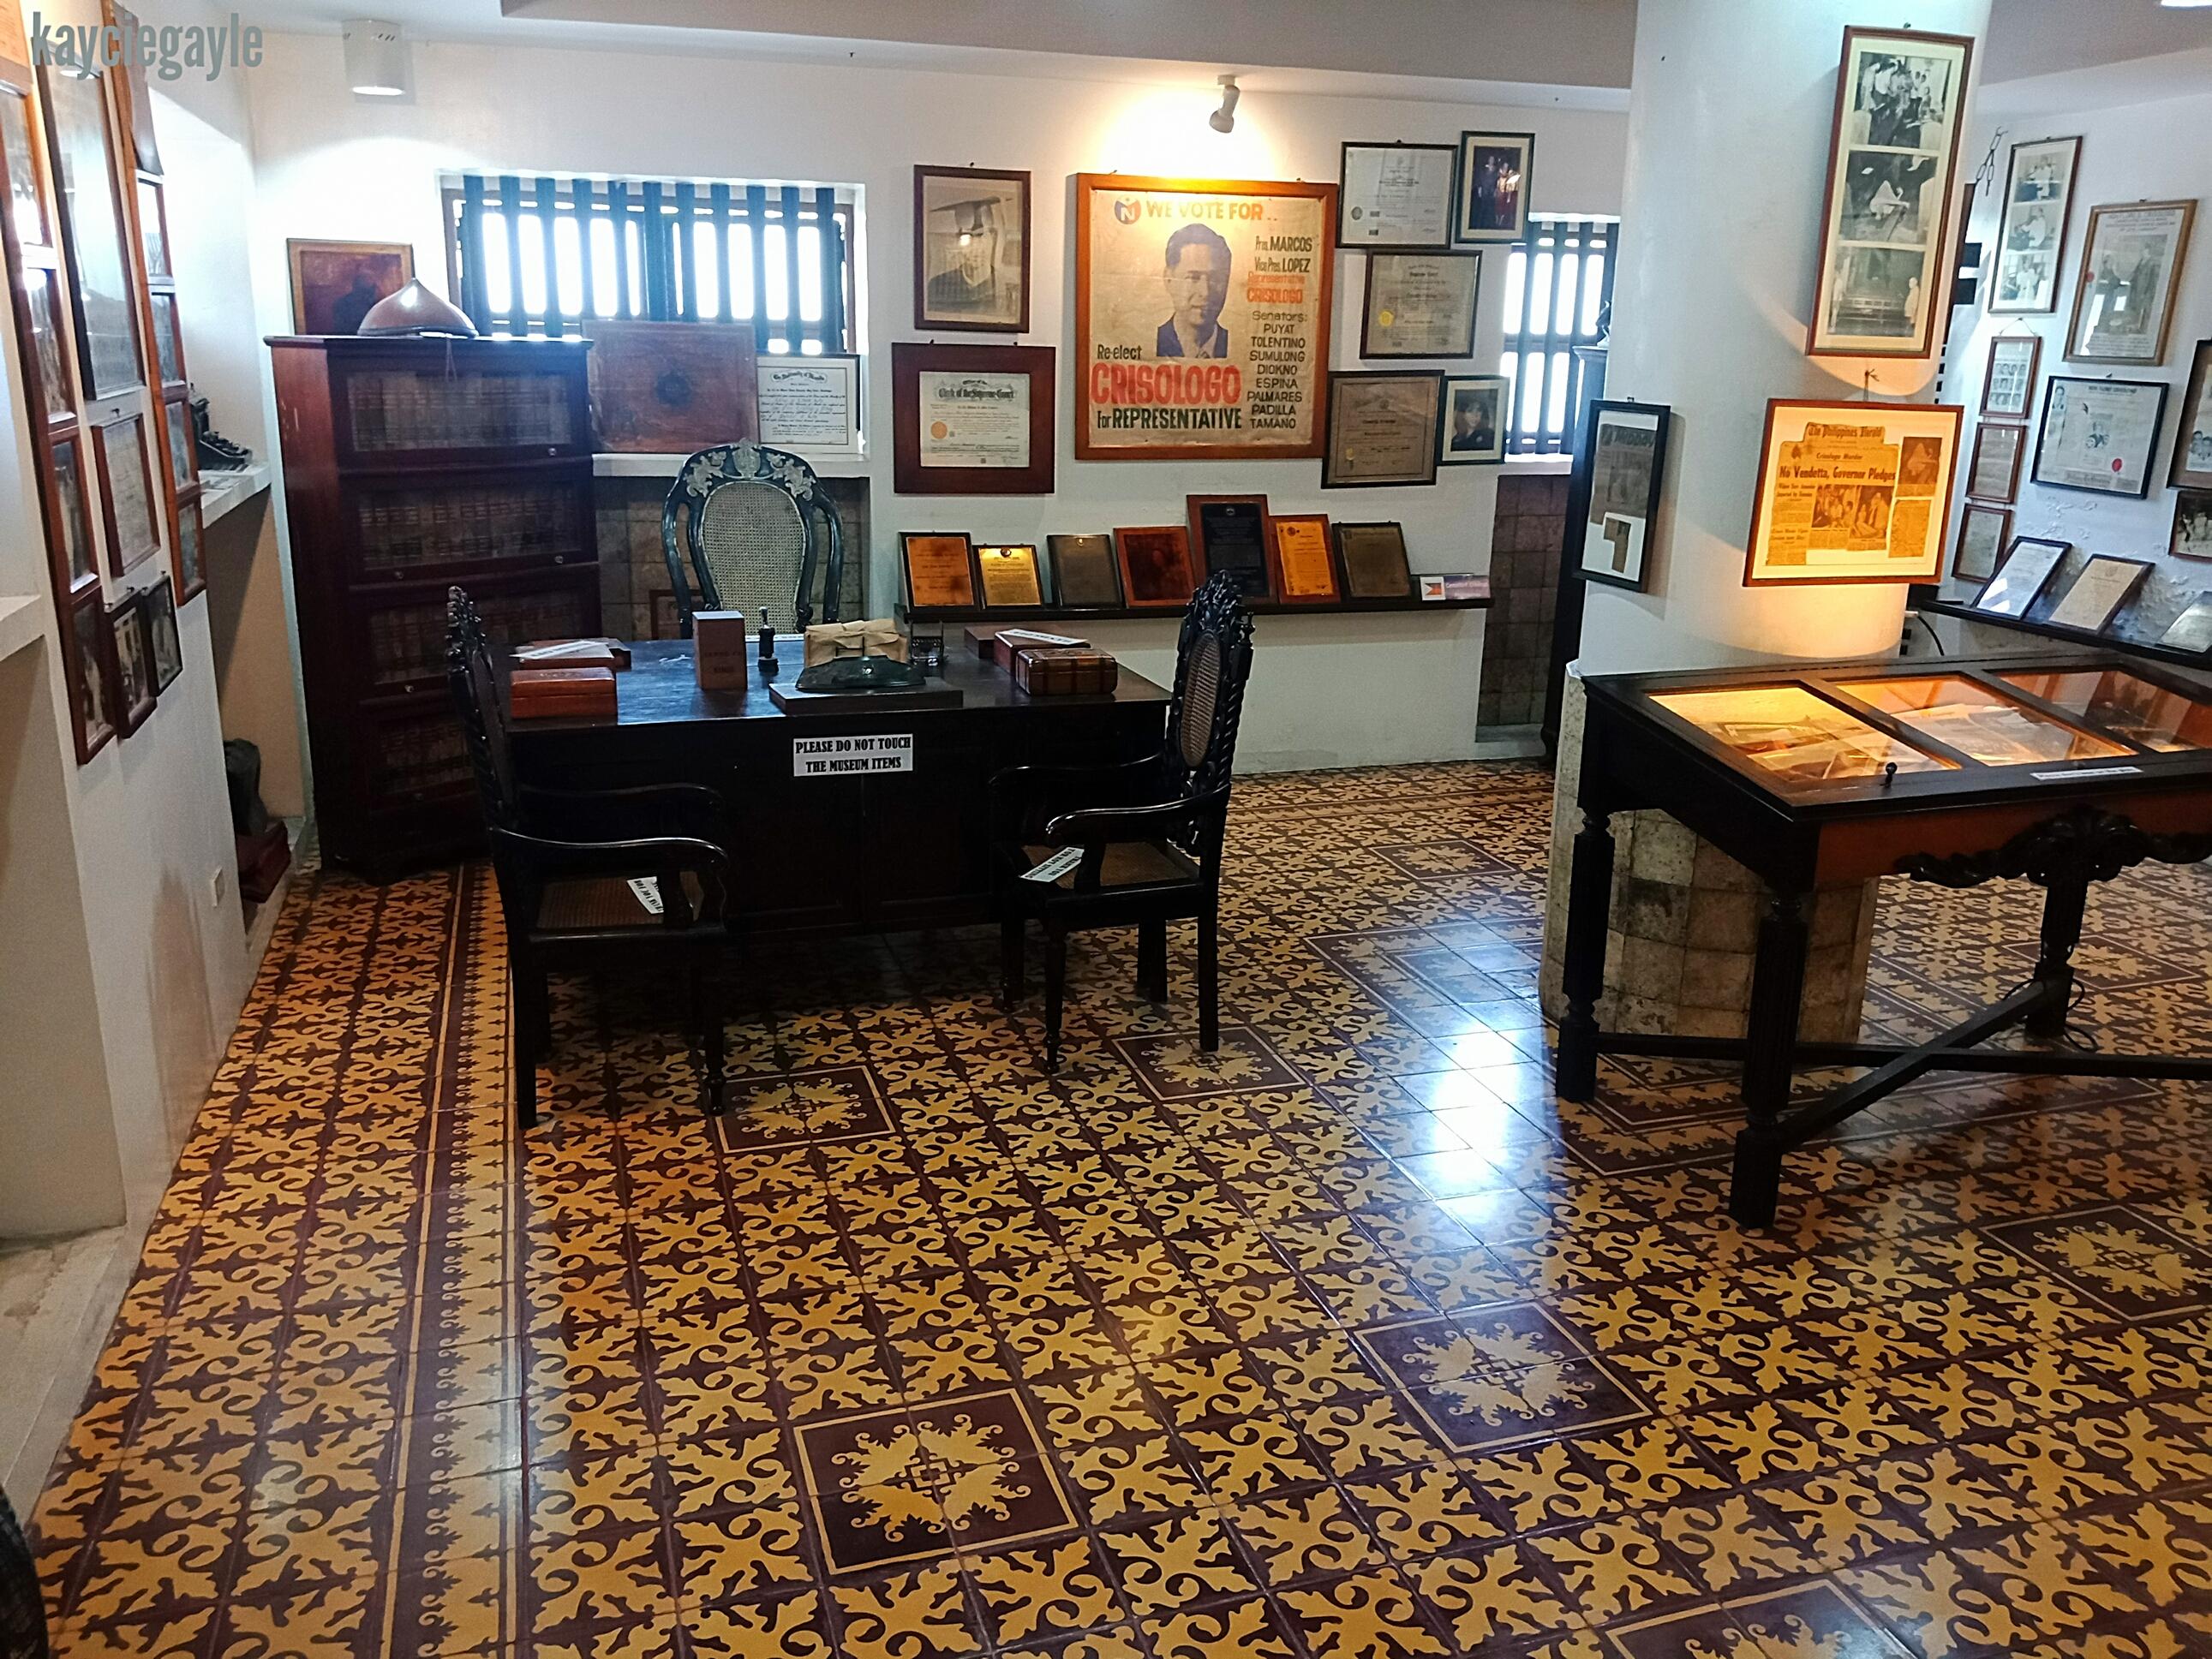 Crisologo Museum Vigan Ilocos Sur Philippines Office Stairs